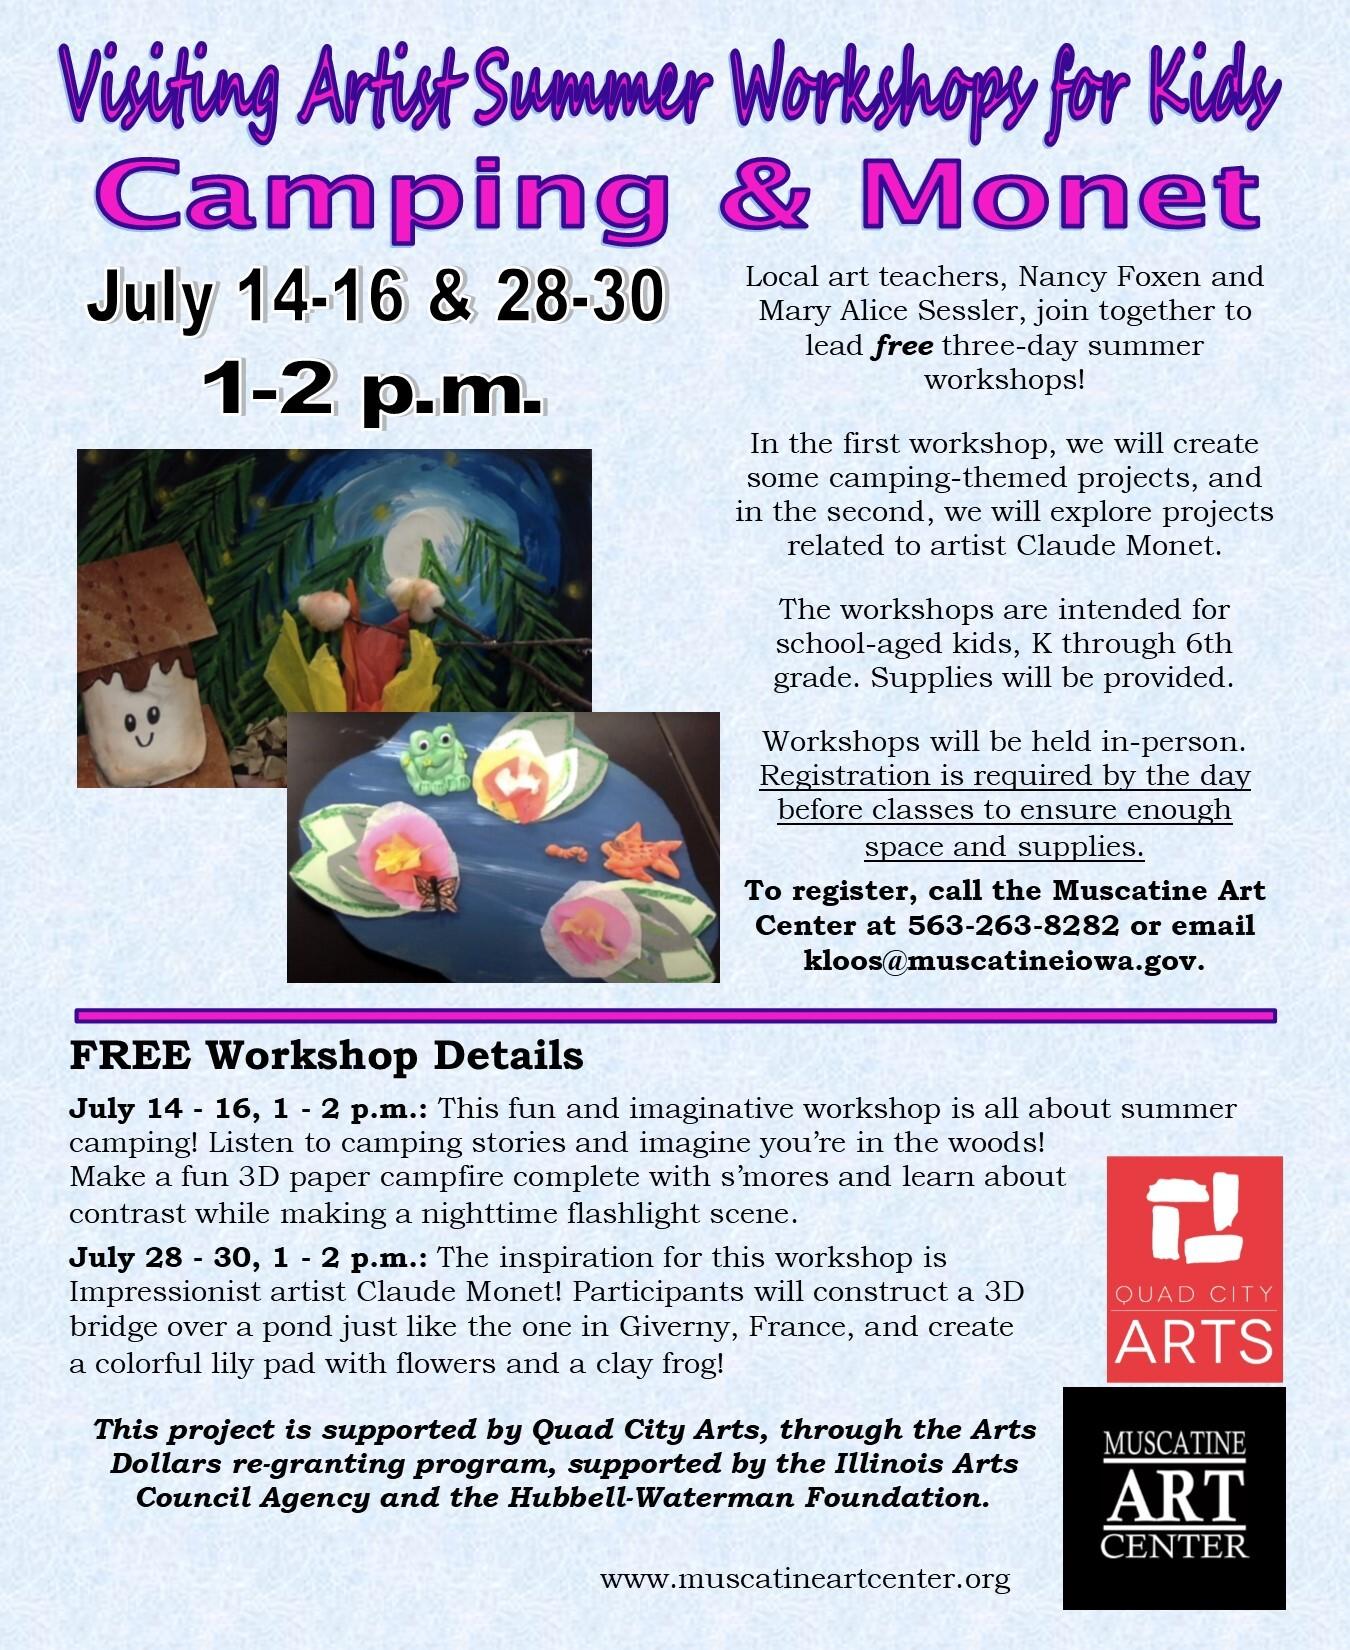 Visiting Artist Summer Workshops for Kids- Camping Themed Workshop, July 14-16 Image